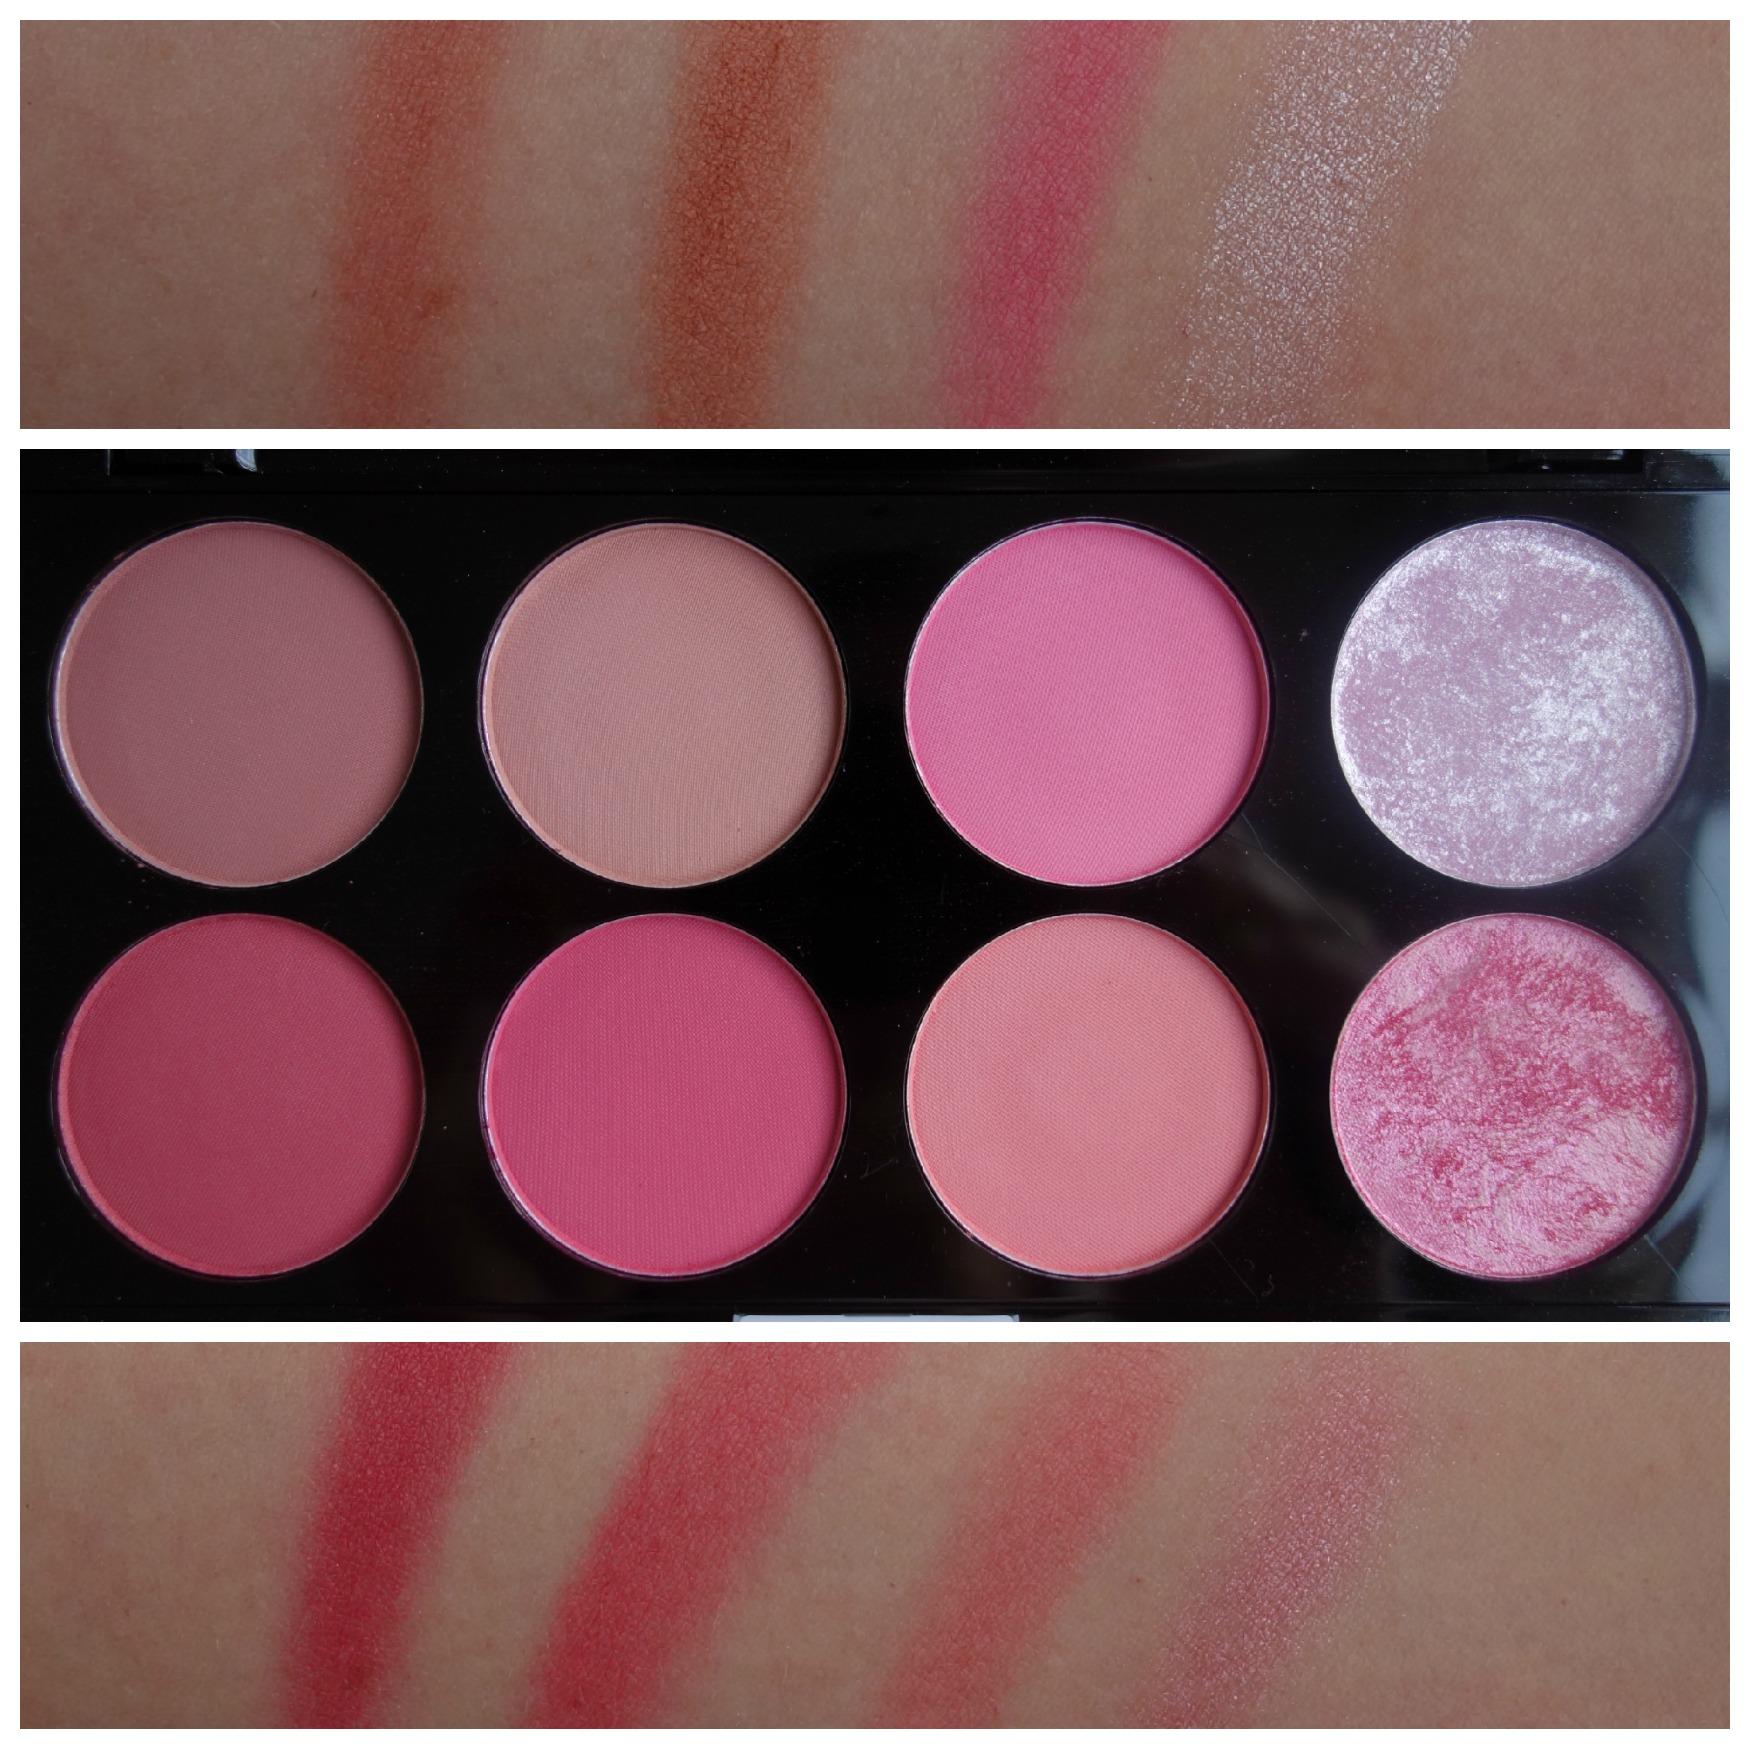 makeup revolution blush palette review hot e mugeek. Black Bedroom Furniture Sets. Home Design Ideas